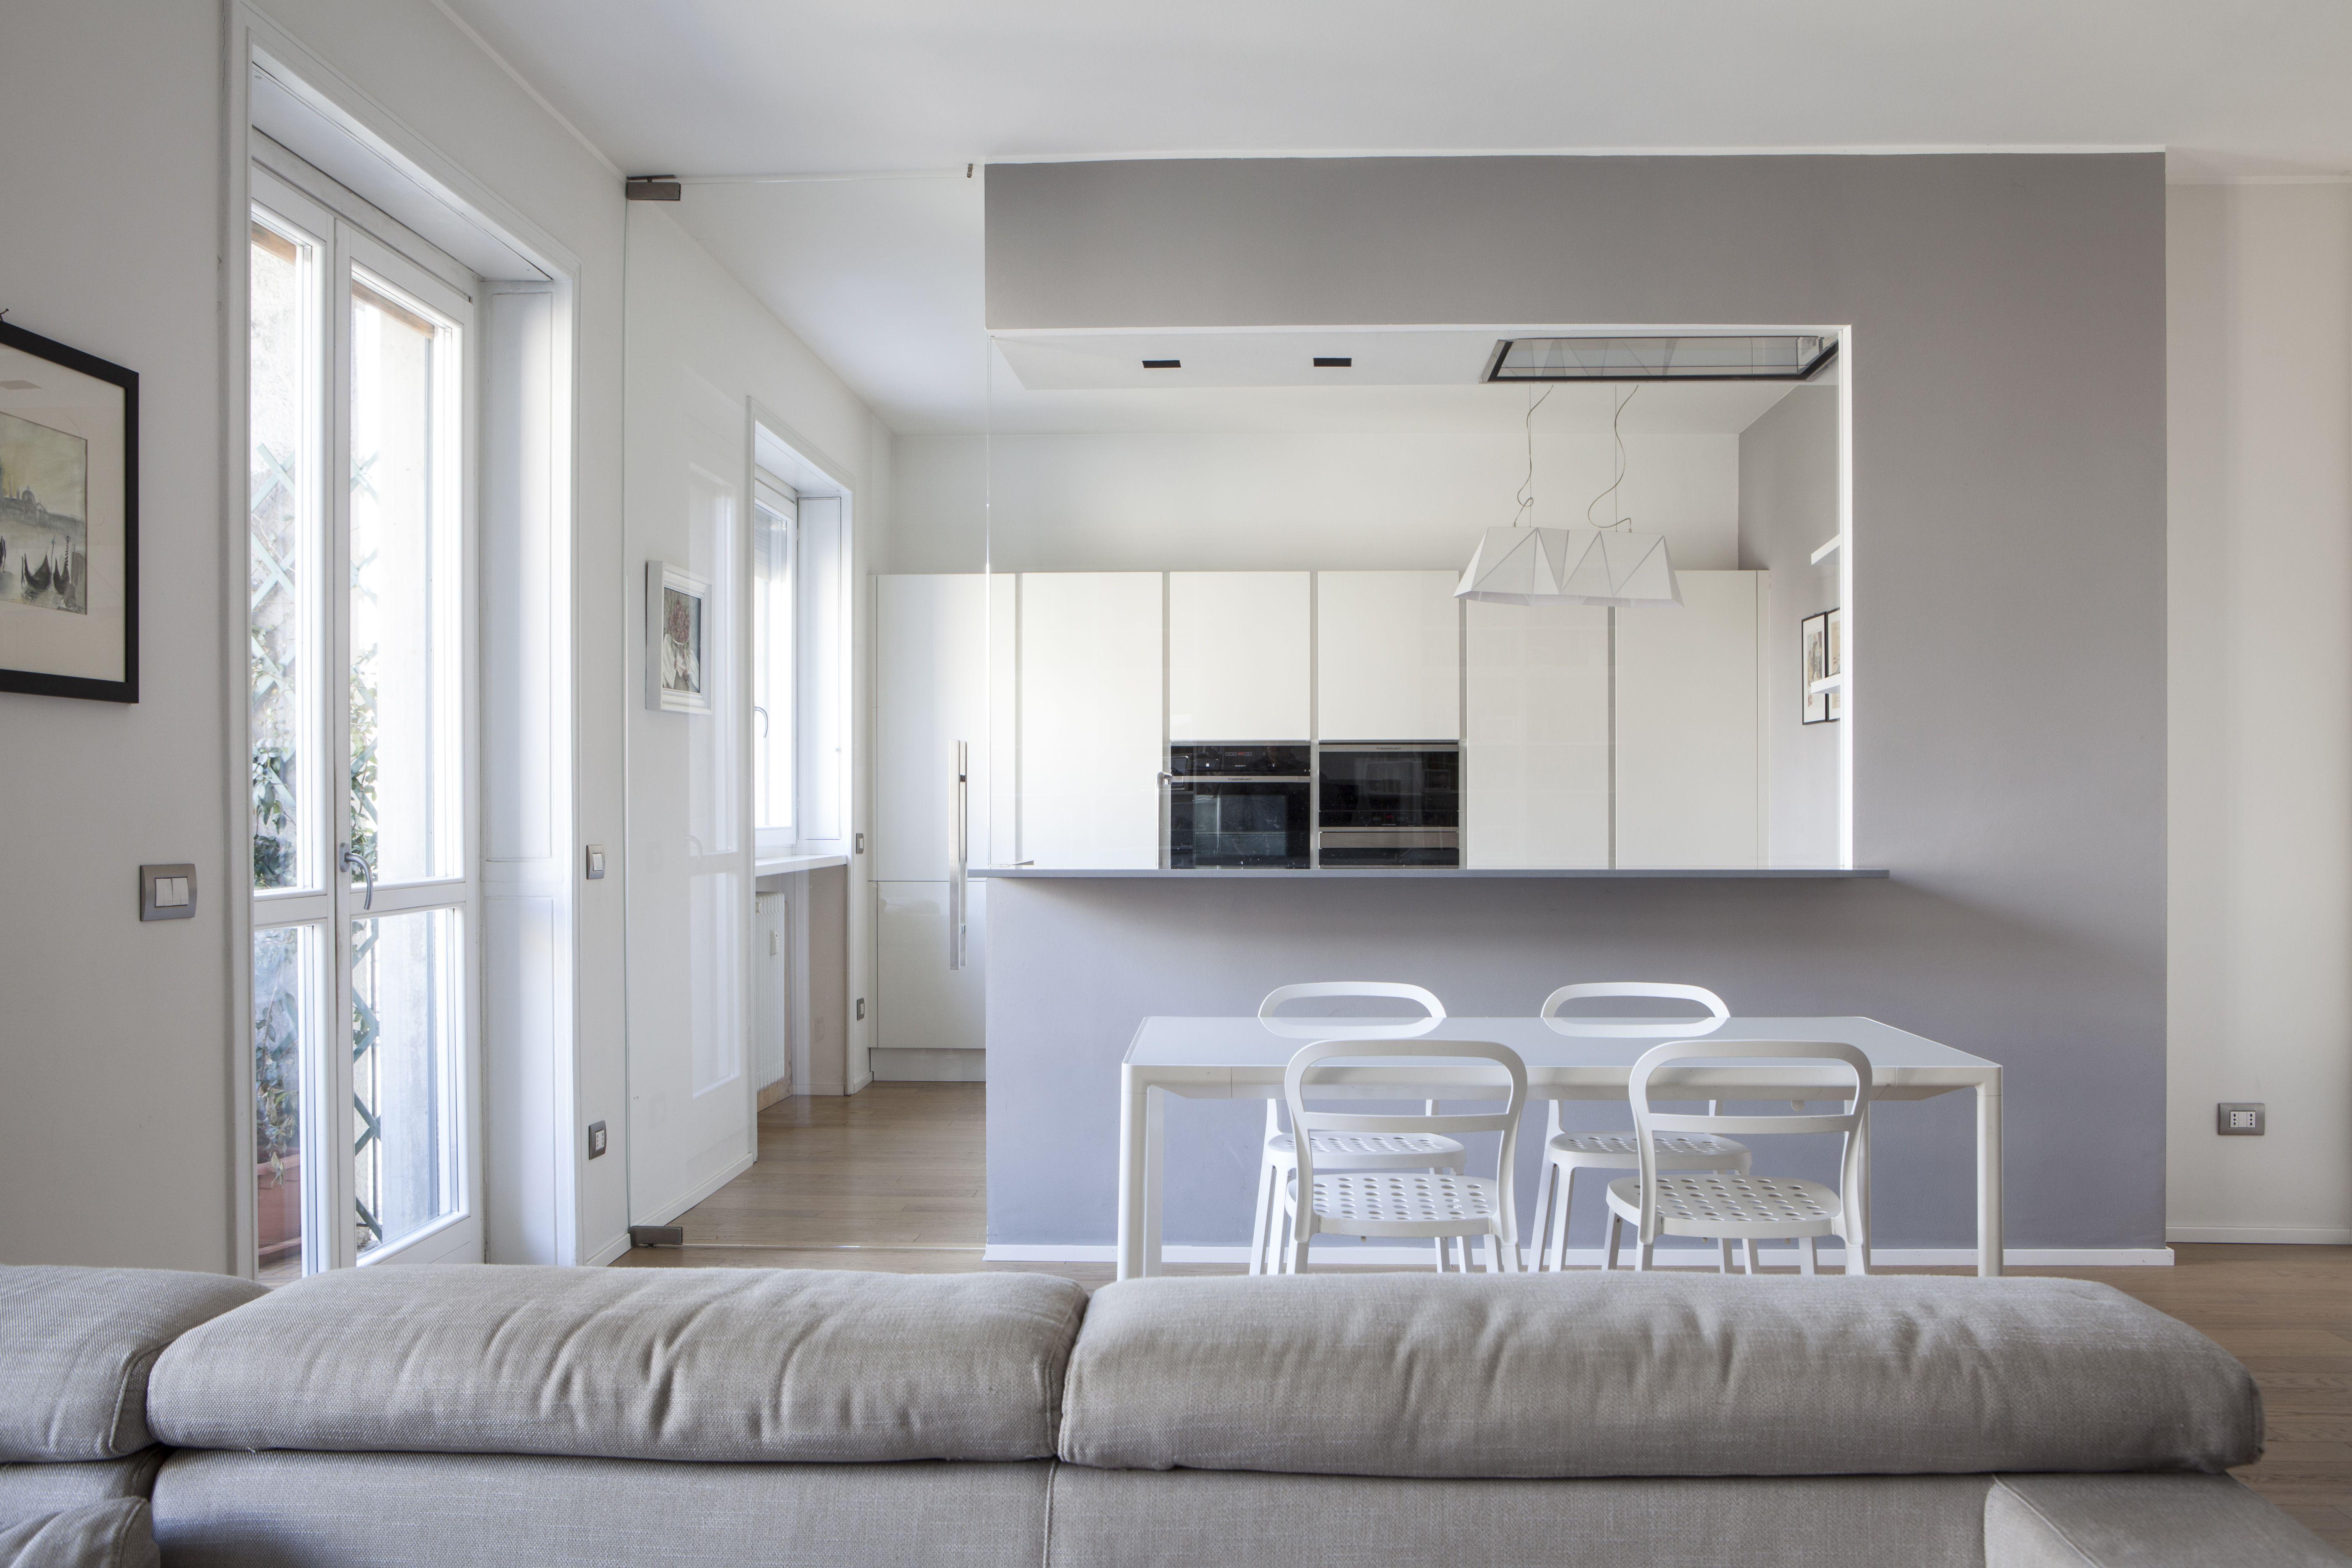 Vi sveliamo alcuni consigli e idee di design per separare questi due. 3a Studio Casa P10 Arredamento Sala Da Pranzo E Salotto Arredamento Ingresso Soggiorno Arredamento Moderno Cucina